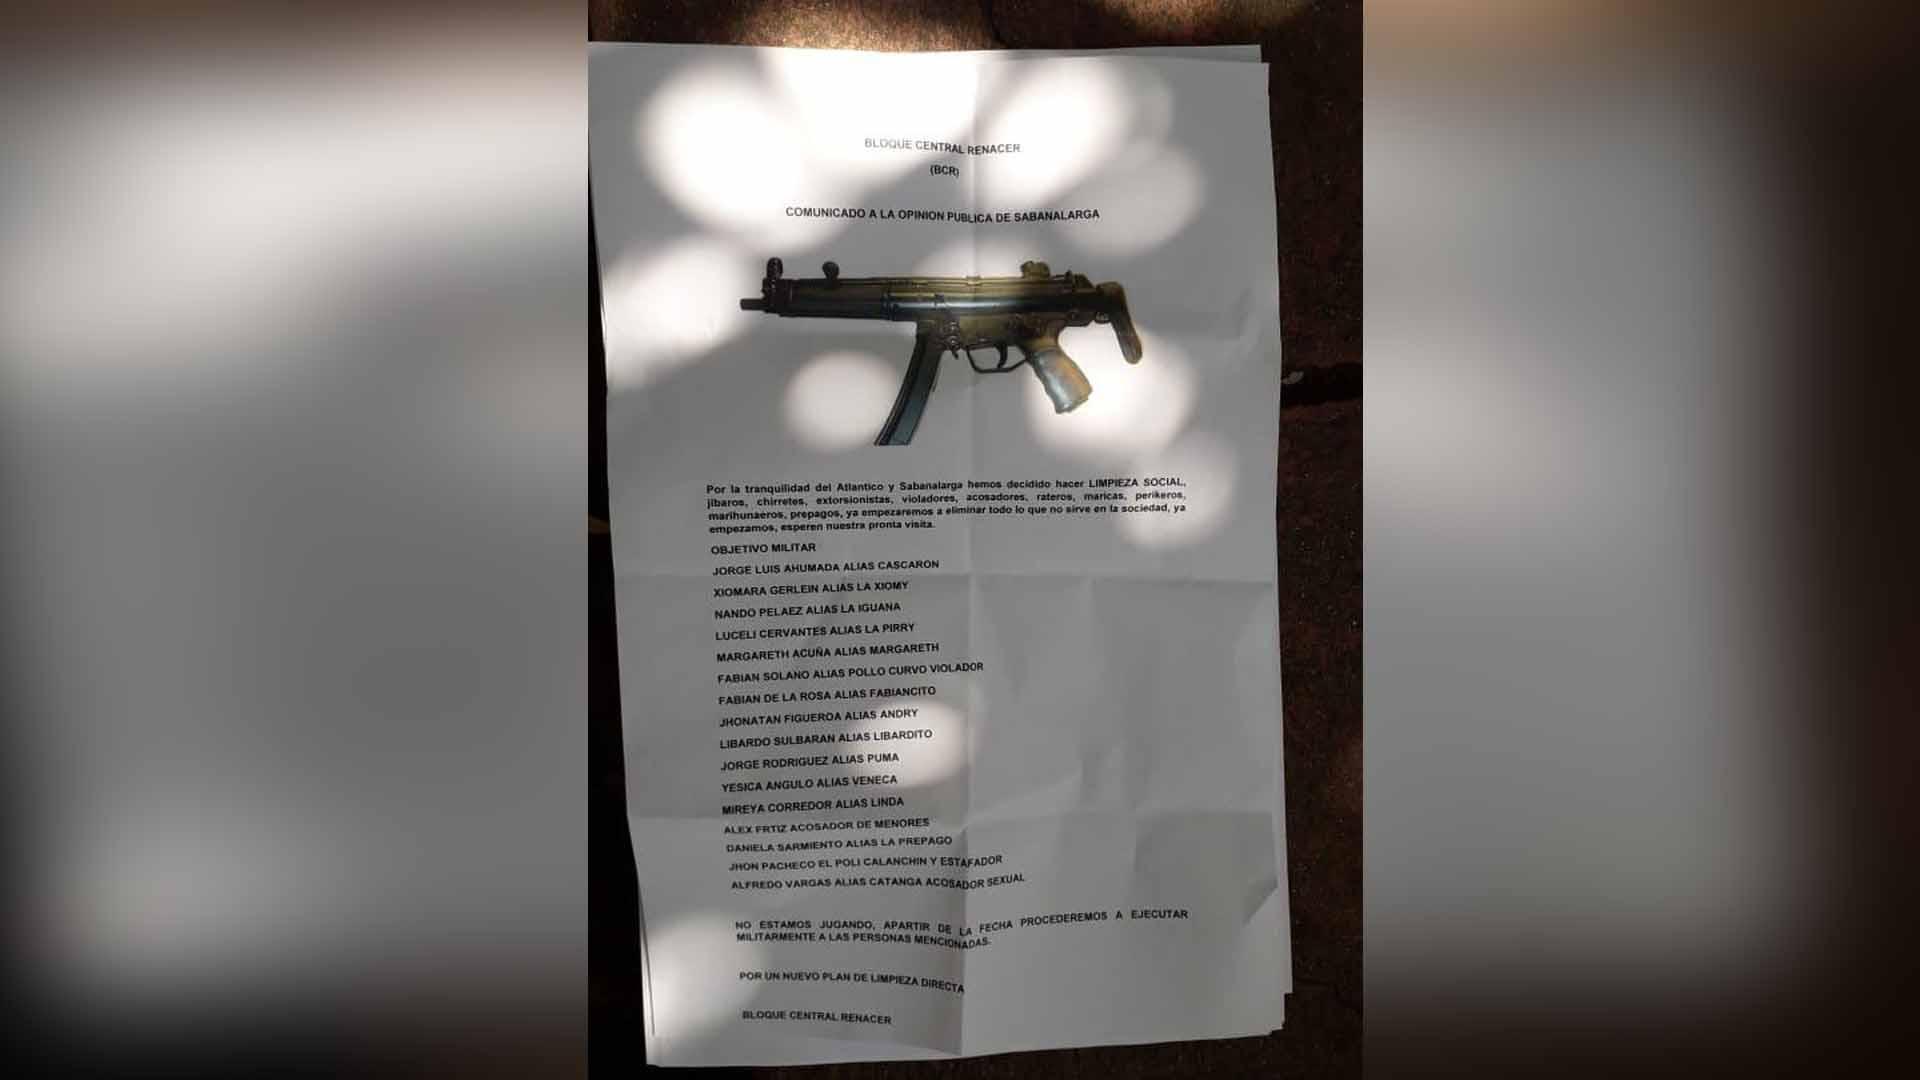 Policía Deata verifica legitimidad de panfleto en Sabanalarga - El Heraldo (Colombia)